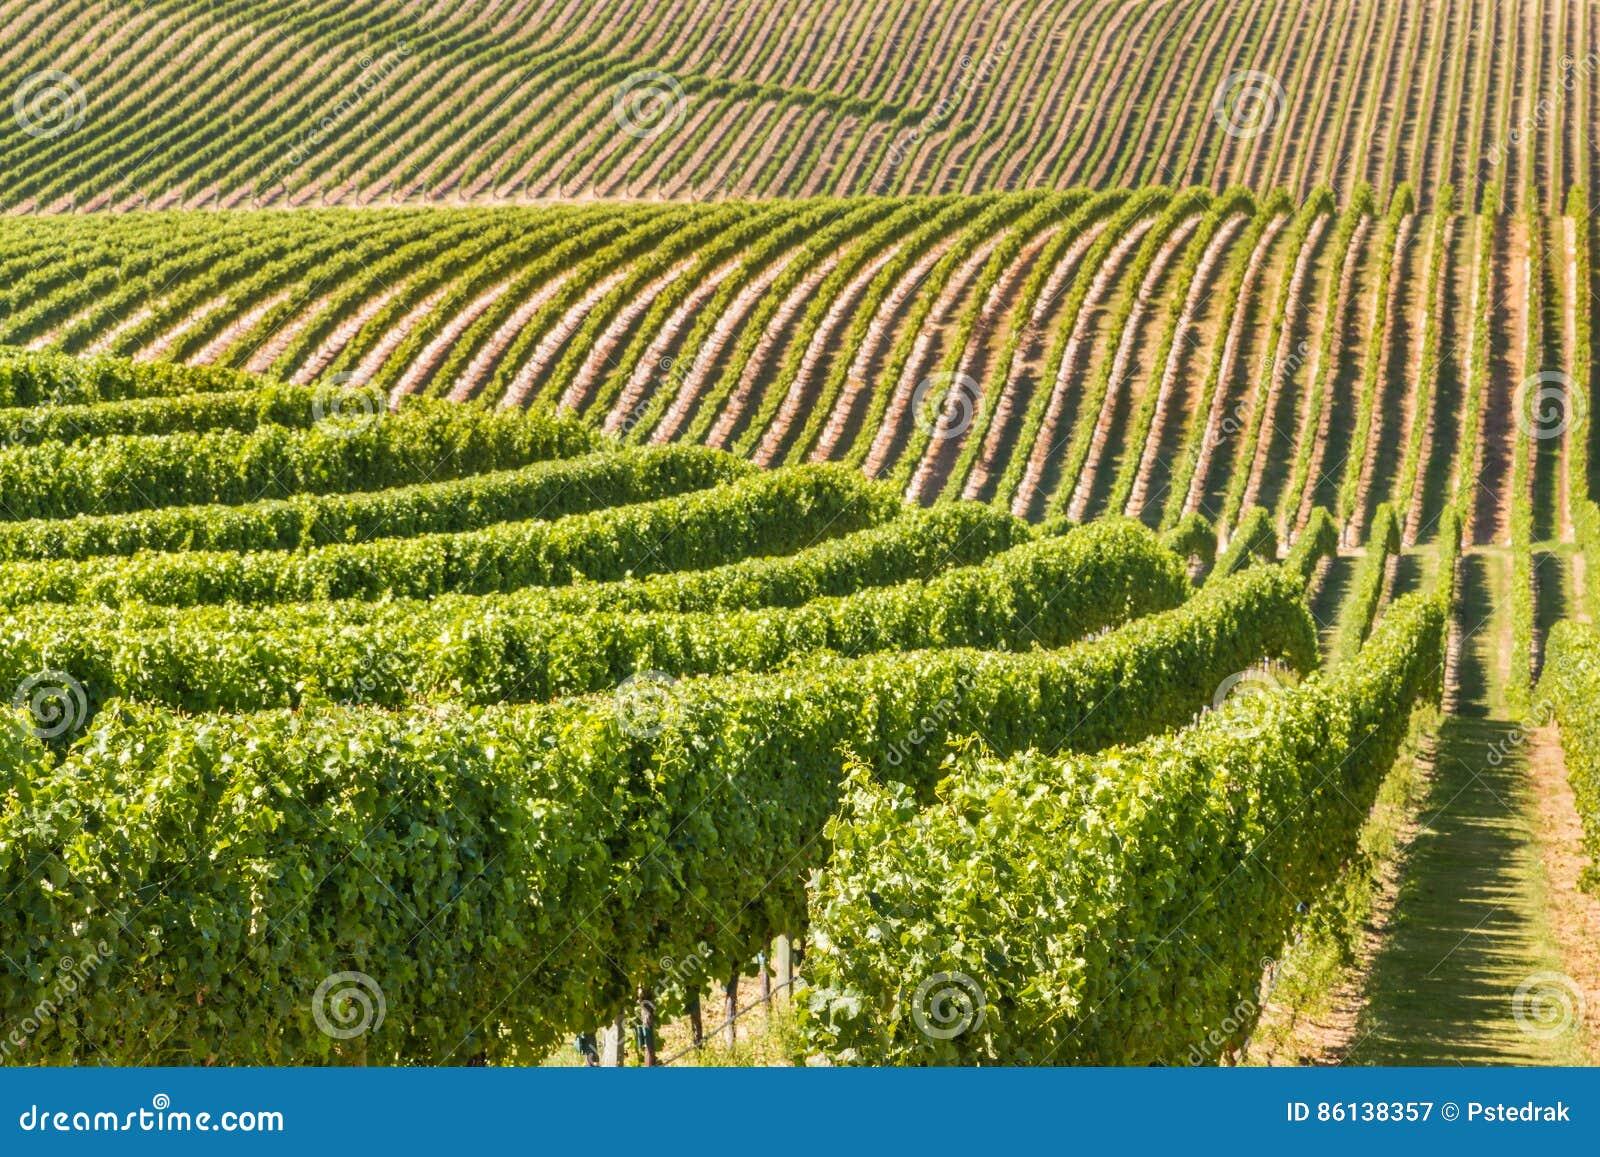 Nowa Zelandia winnica na tocznych wzgórzach